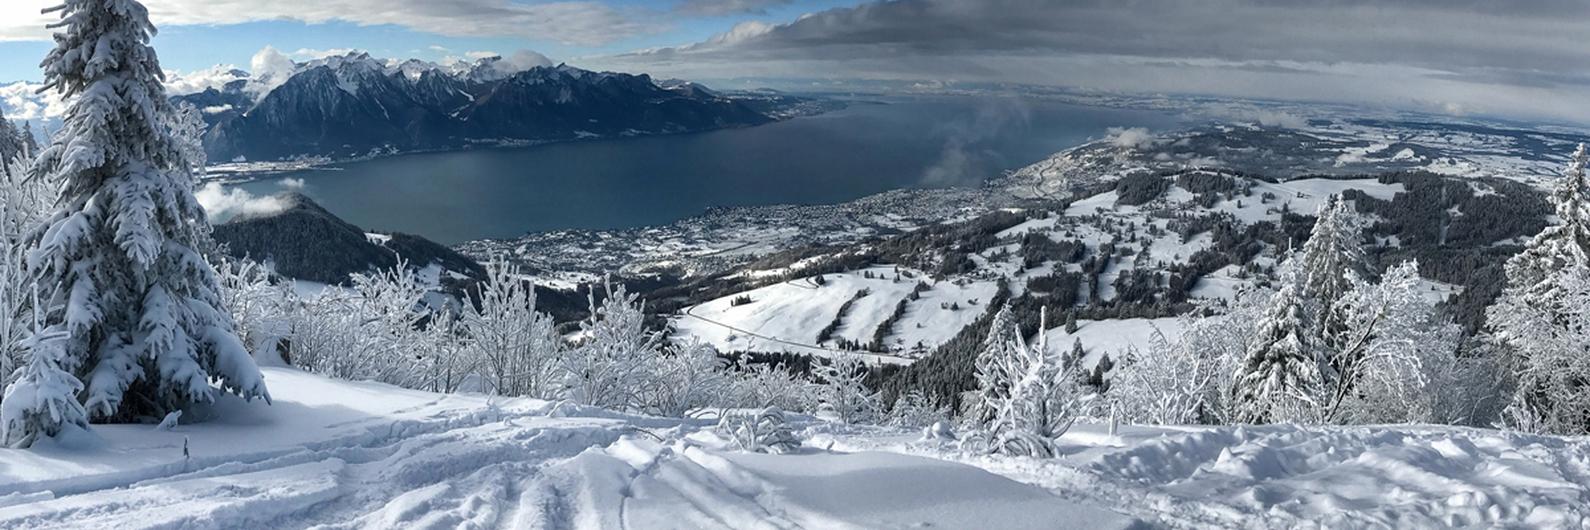 Resolução de 2019: férias na neve